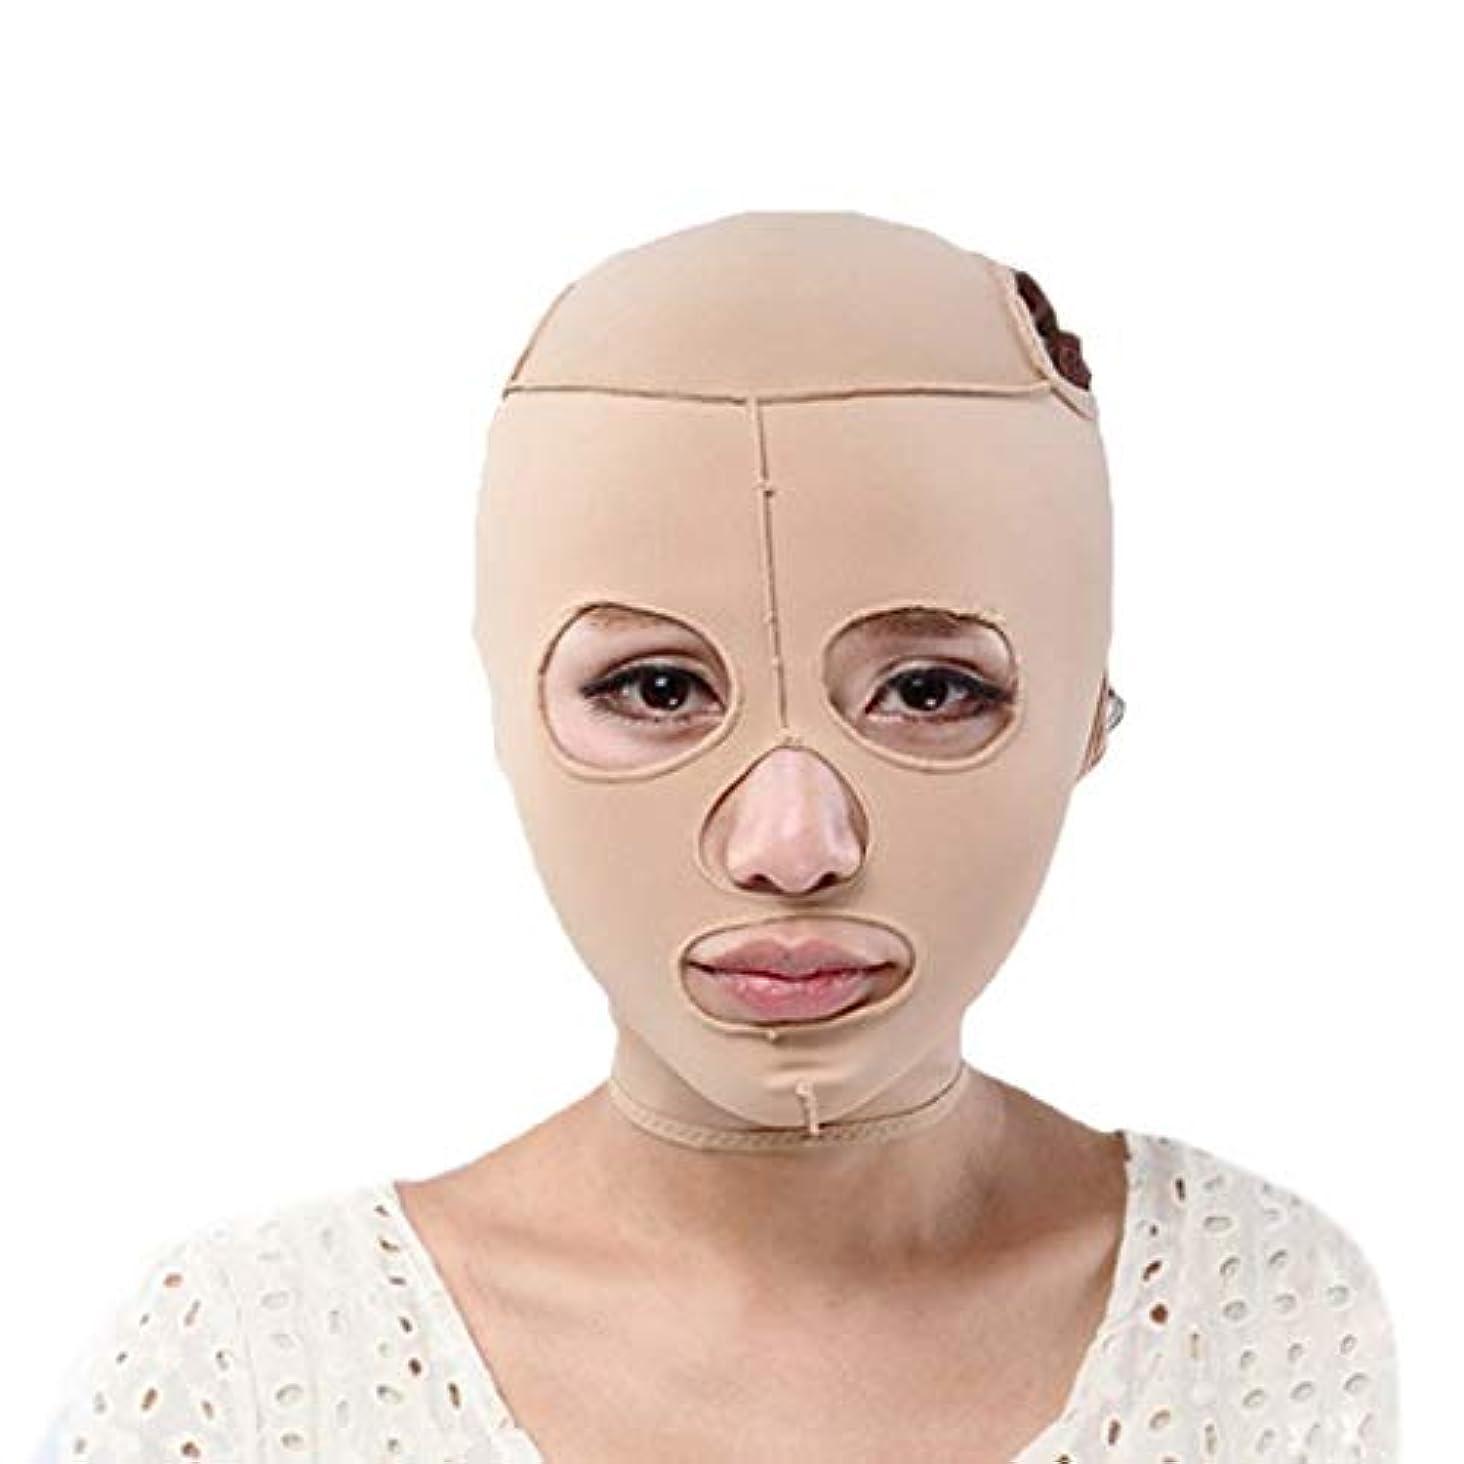 ペット止まるすることになっているチンストラップ、顔の減量アンチシワマスク、快適な通気性マスク付きオールインクルーシブフェイス、薄型フェイスマスクリフティング包帯引き締め(サイズ:S),S